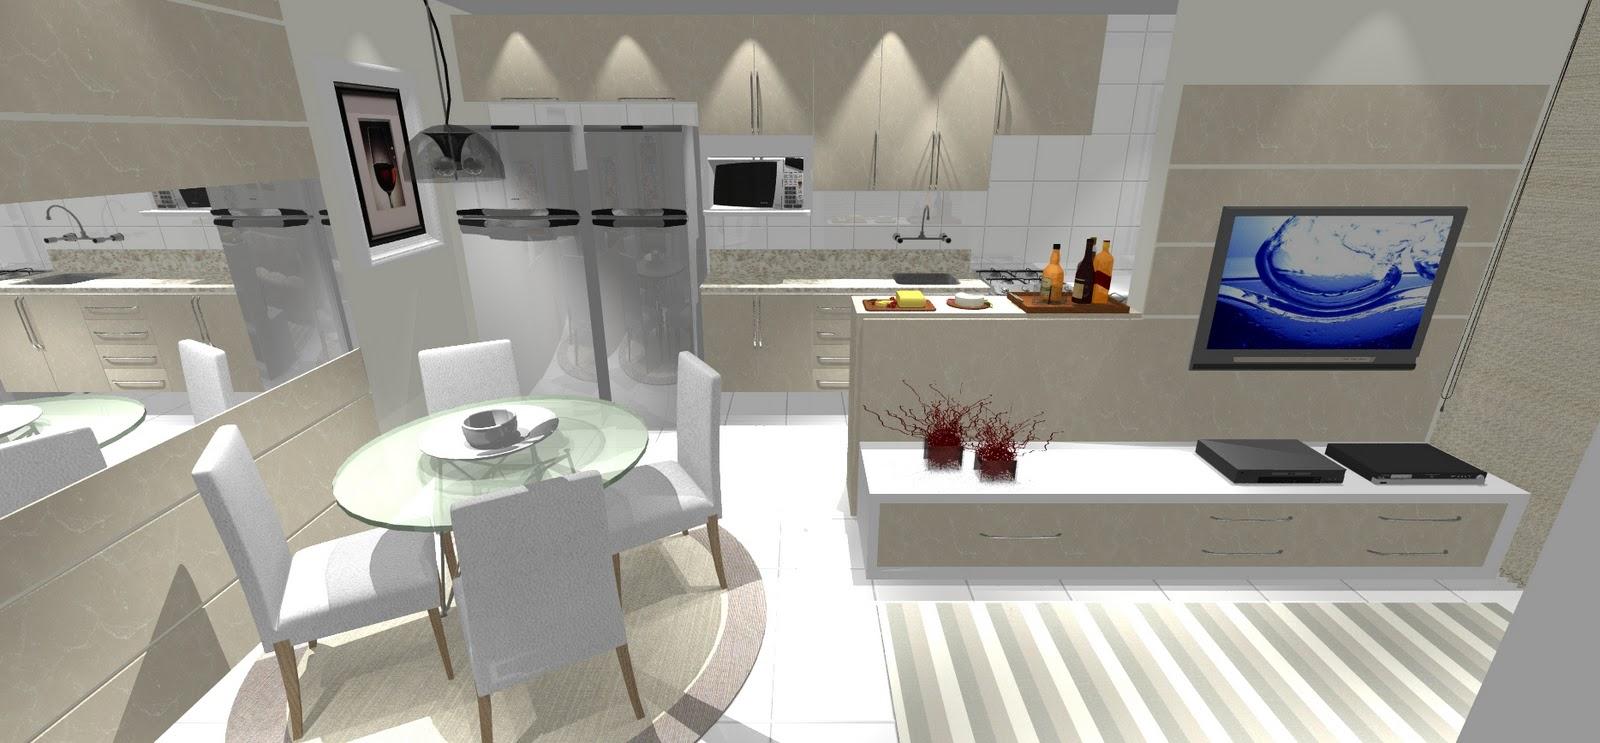 Cozinha Com Balco E Sala De Jantar Cozinha Planejada Pequena Ue  -> Divisor Sala E Cozinha